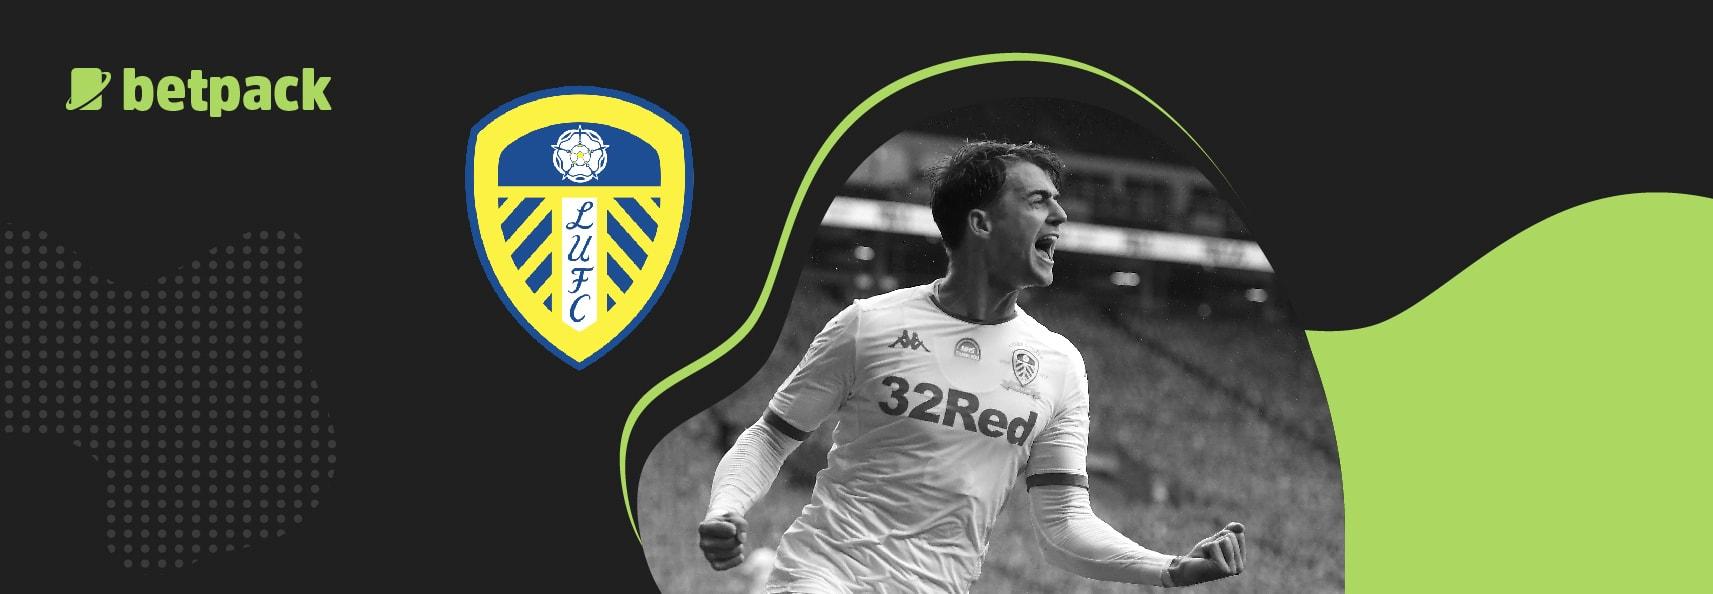 Bamford extends Leeds contract till 2026